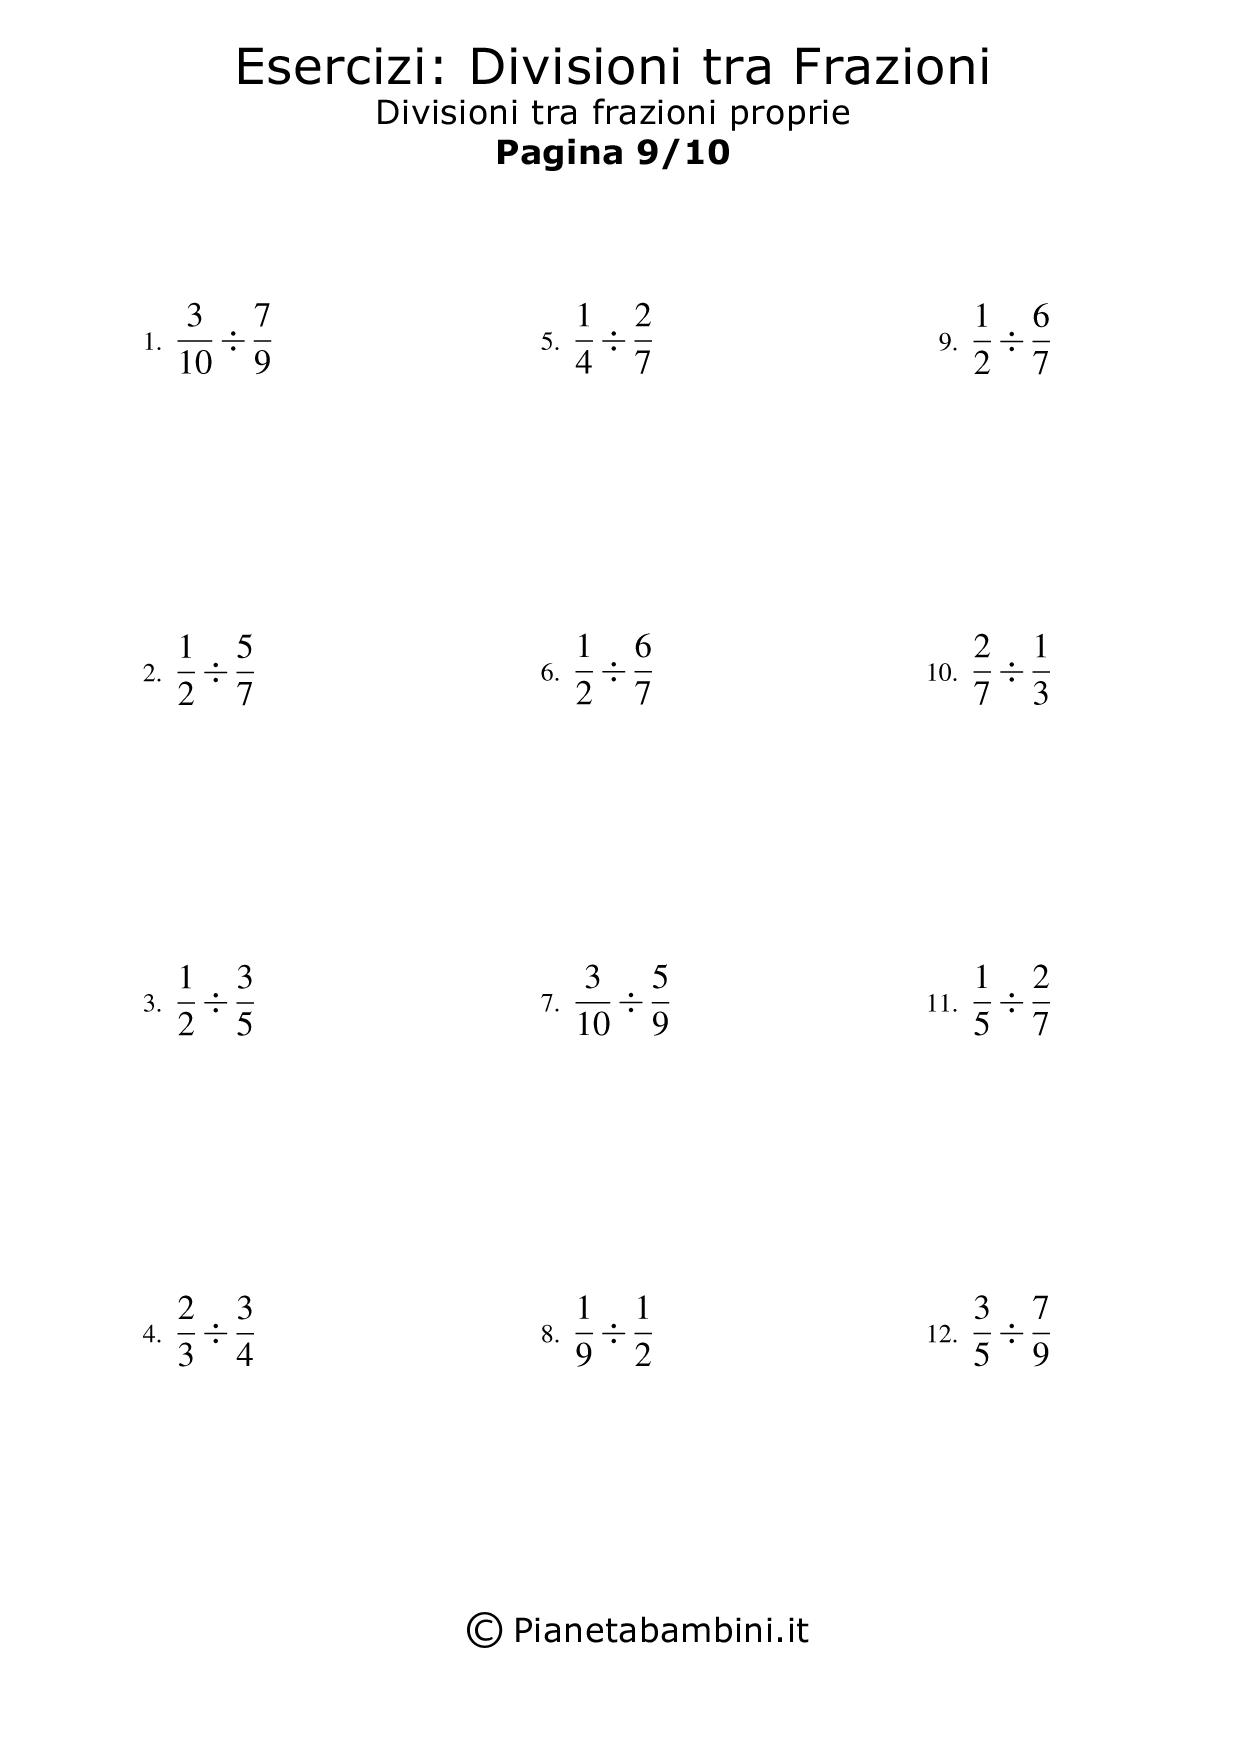 Esercizi-Divisioni-Frazioni-Proprie_09